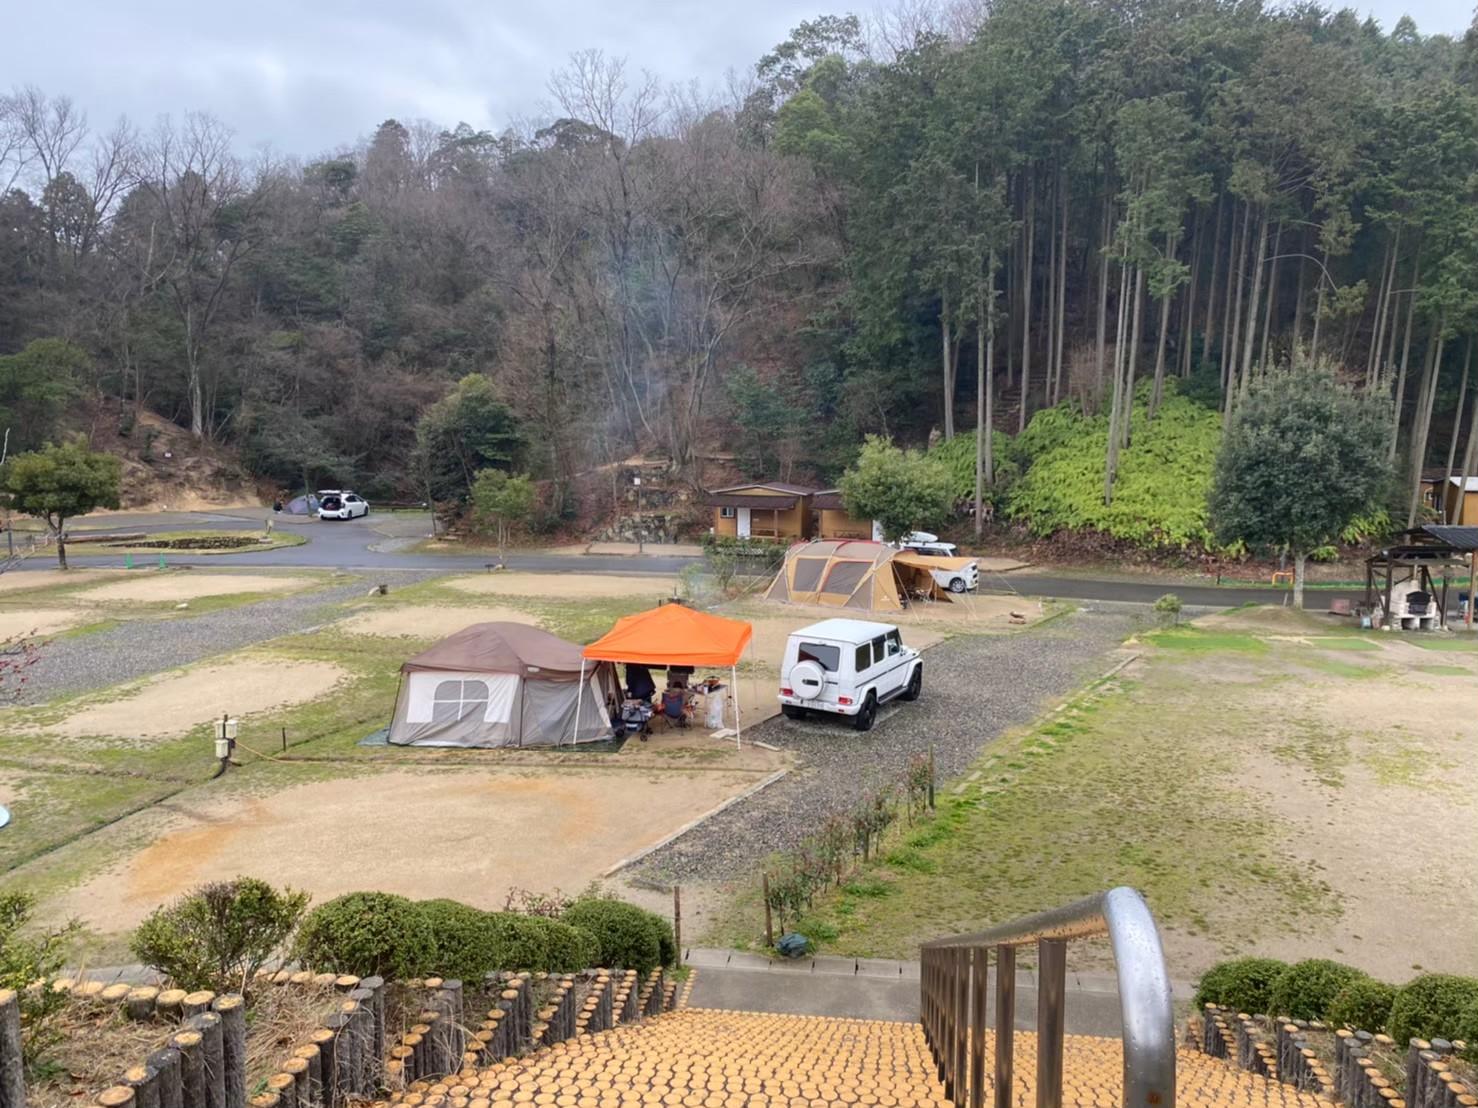 【温泉プールもあり!滋賀県】『十二坊温泉オートキャンプ場』完全ガイド